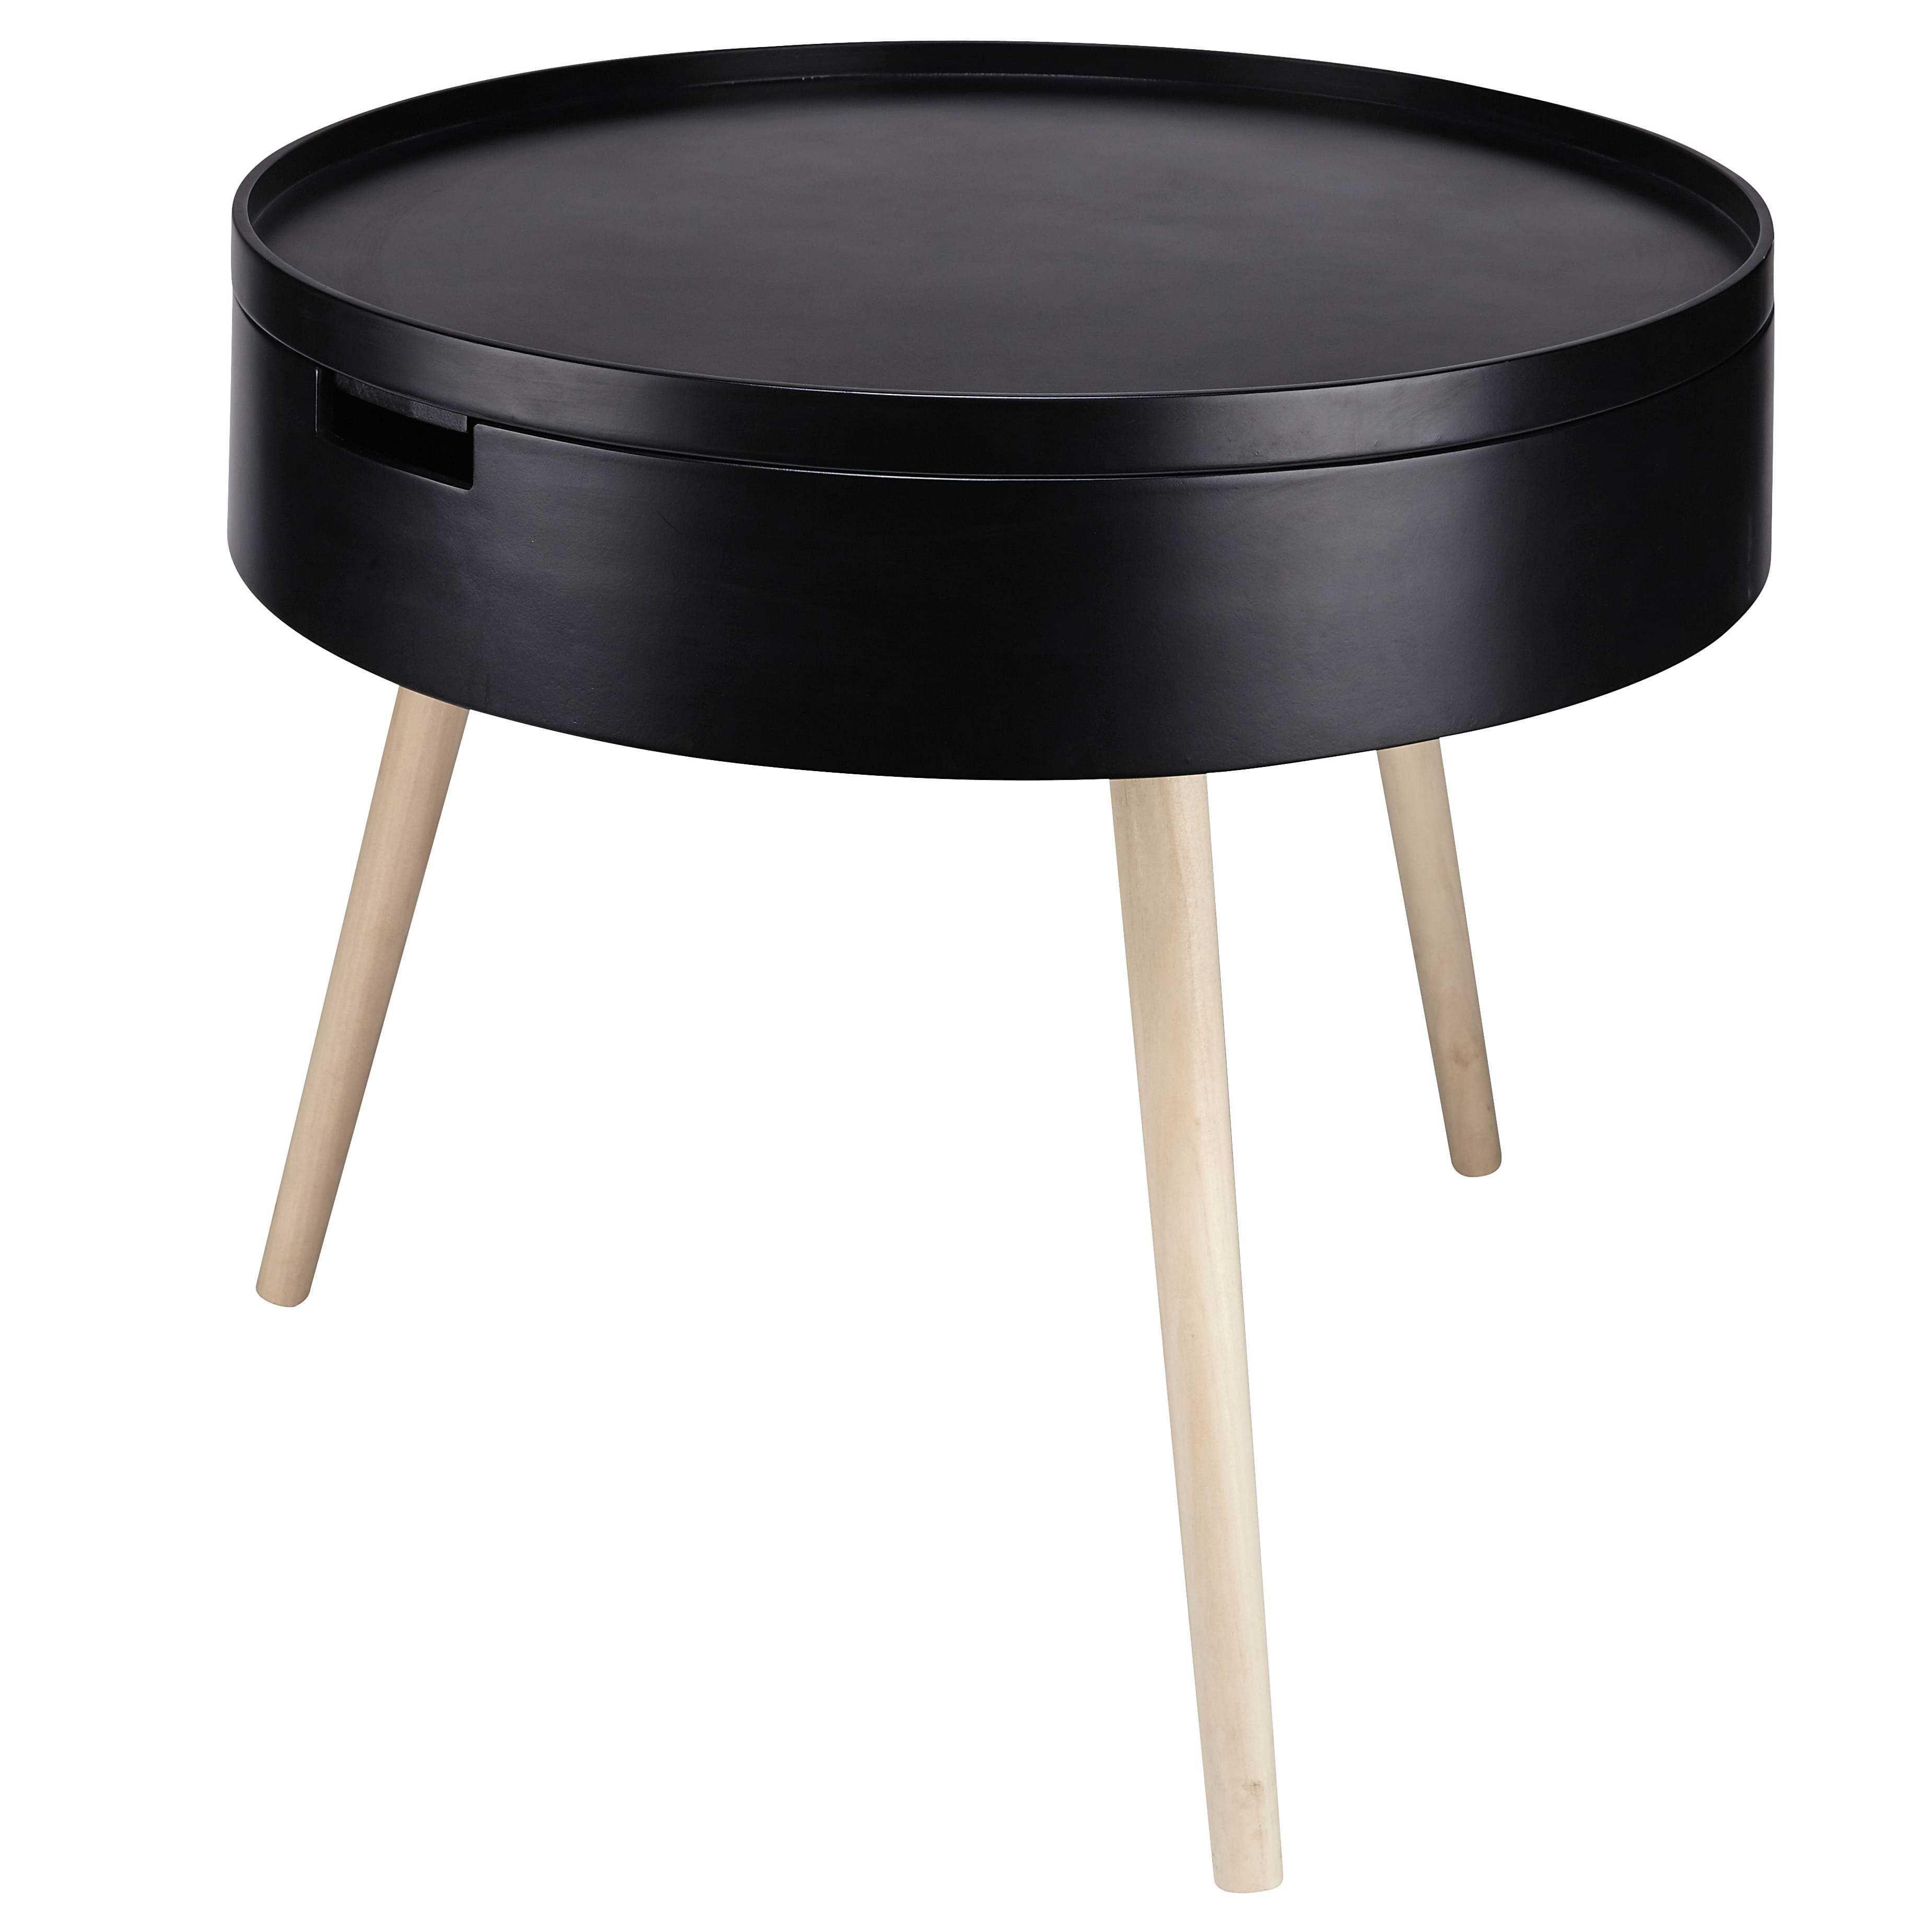 Bout De Canape En Pin Noir Maisons Du Monde Runder Couchtisch Ikea Couchtisch Rund Beistelltische